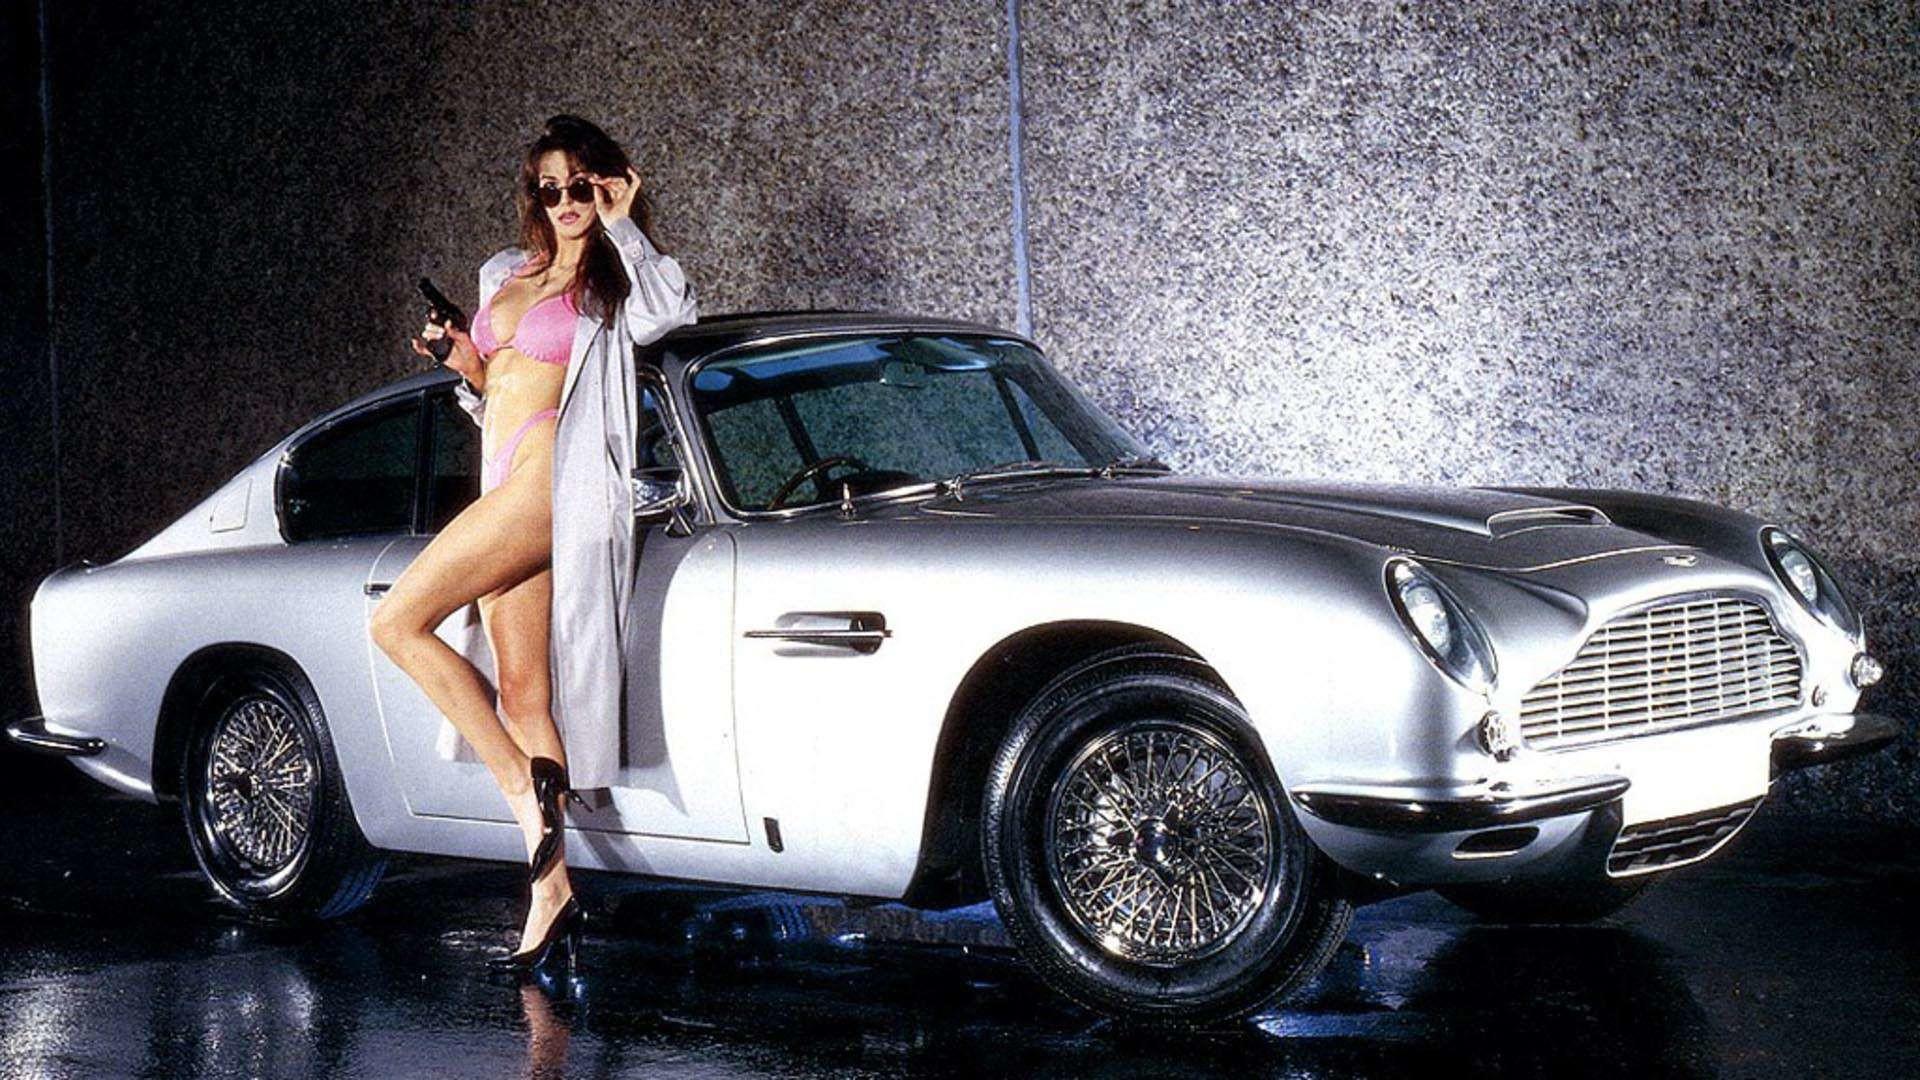 sexy girl car wallpaper